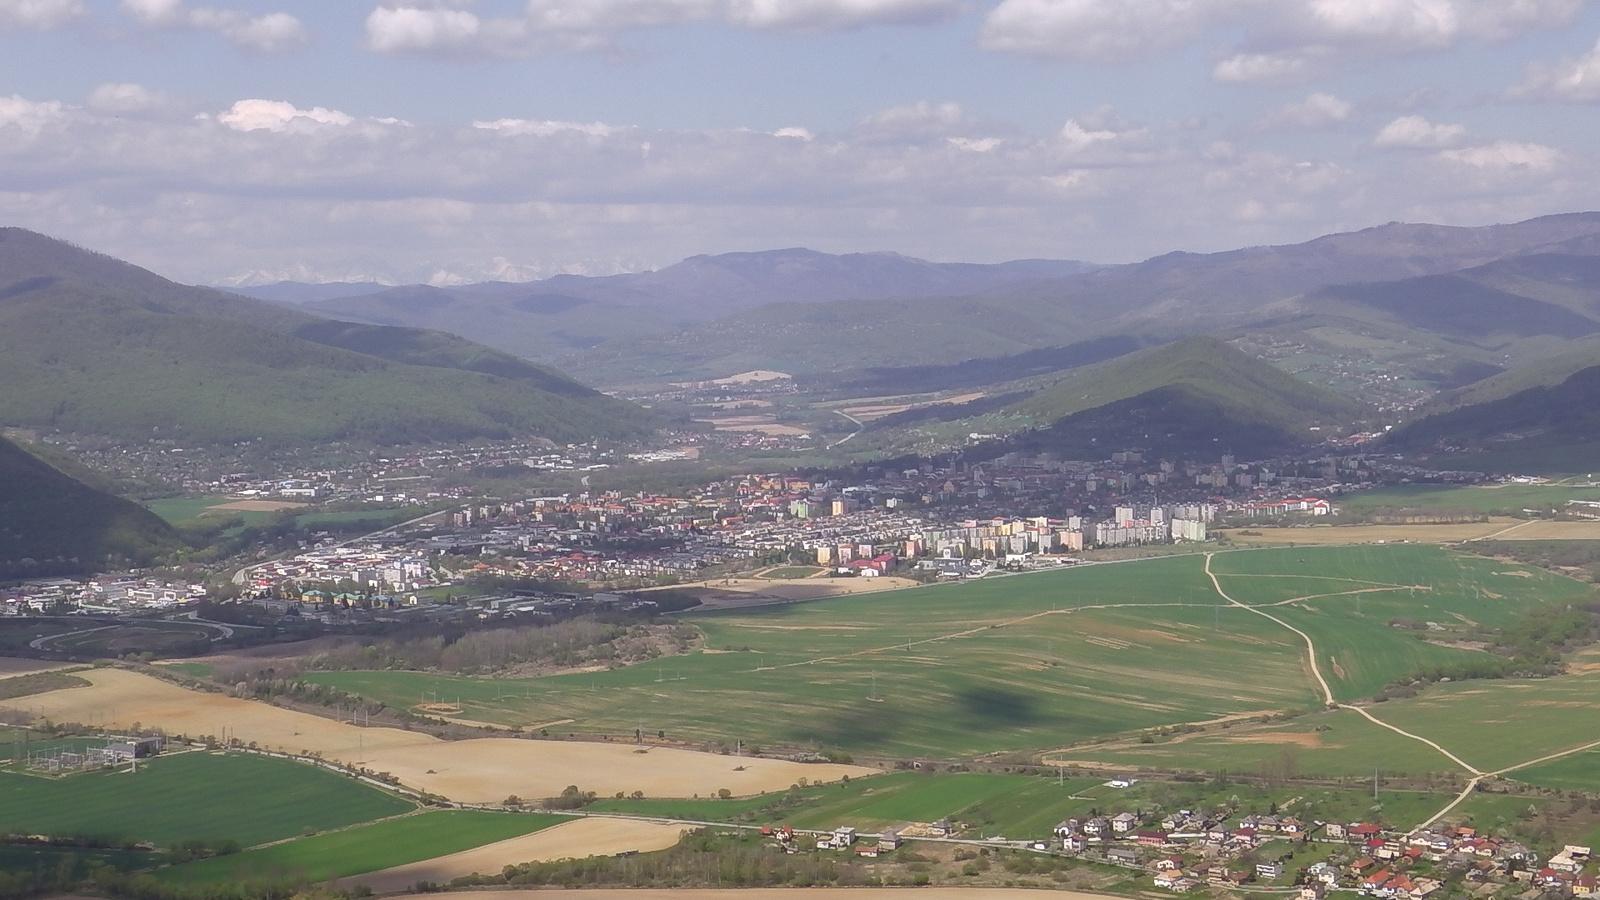 Rozsnyói-medence /Háttérben a Magas-Tátra havas csúcsai körvonal